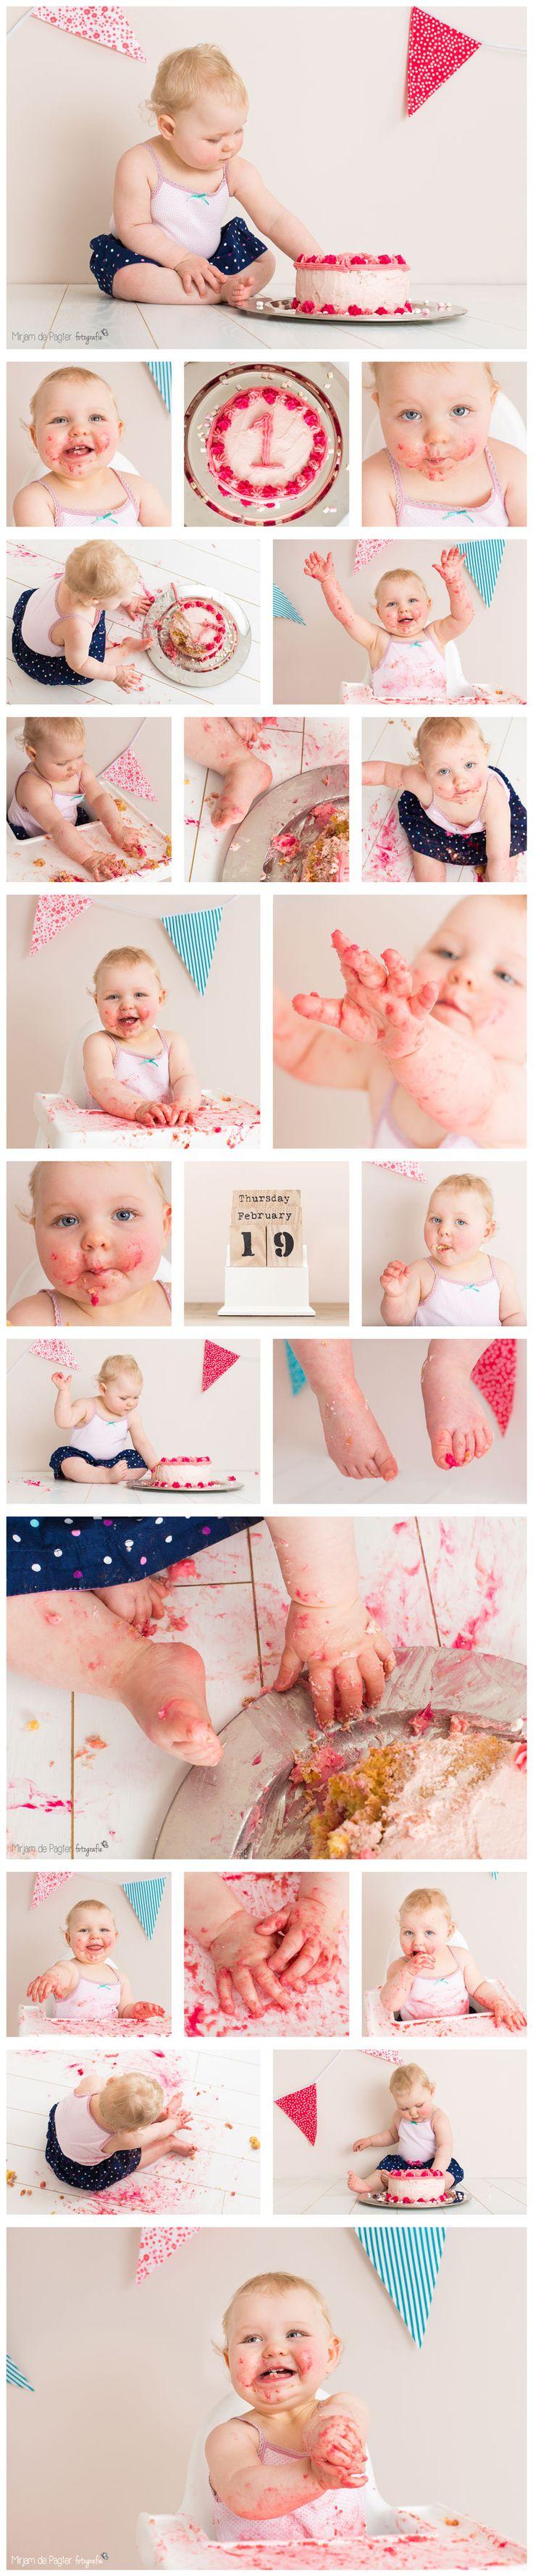 Lekker kliederen!   Cake smash Lieke   Cake smah: een geweldige herinnering aan - en afsluiting van - het eerste jaar van jouw kindje! http://mirjamdepagter.nl/fotoshoots-blog/cake-smash-lieke/ #cake #smash #1jaar #baby